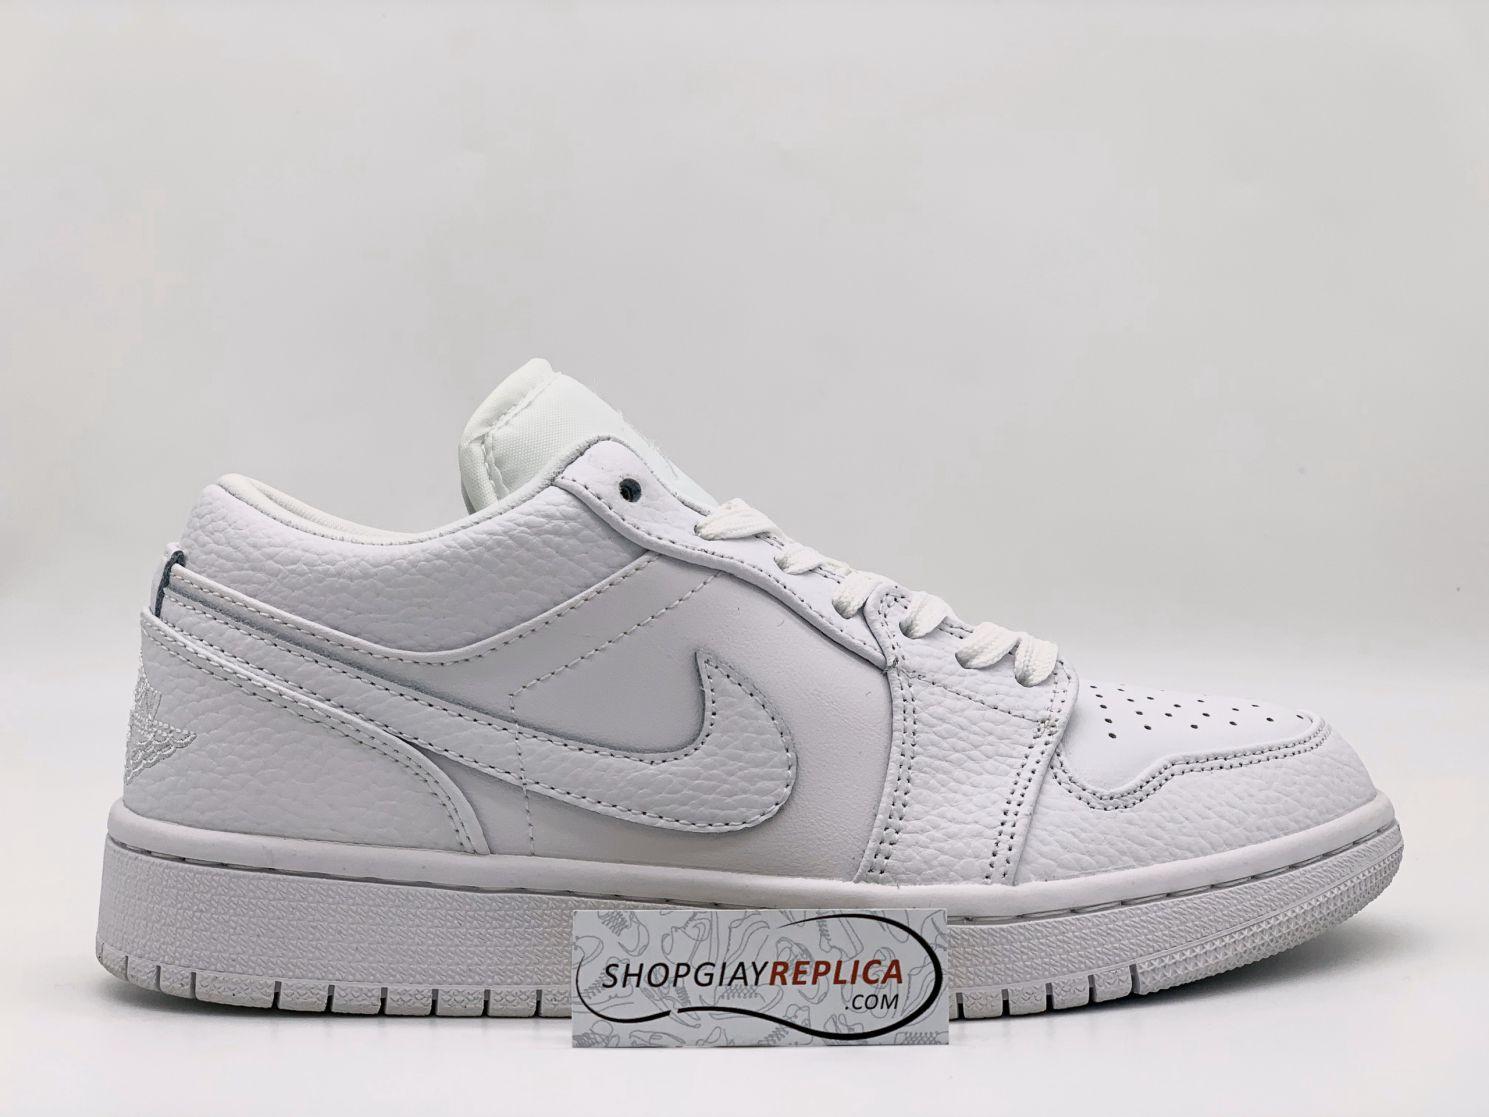 Giày Jordan 1 Full trắng